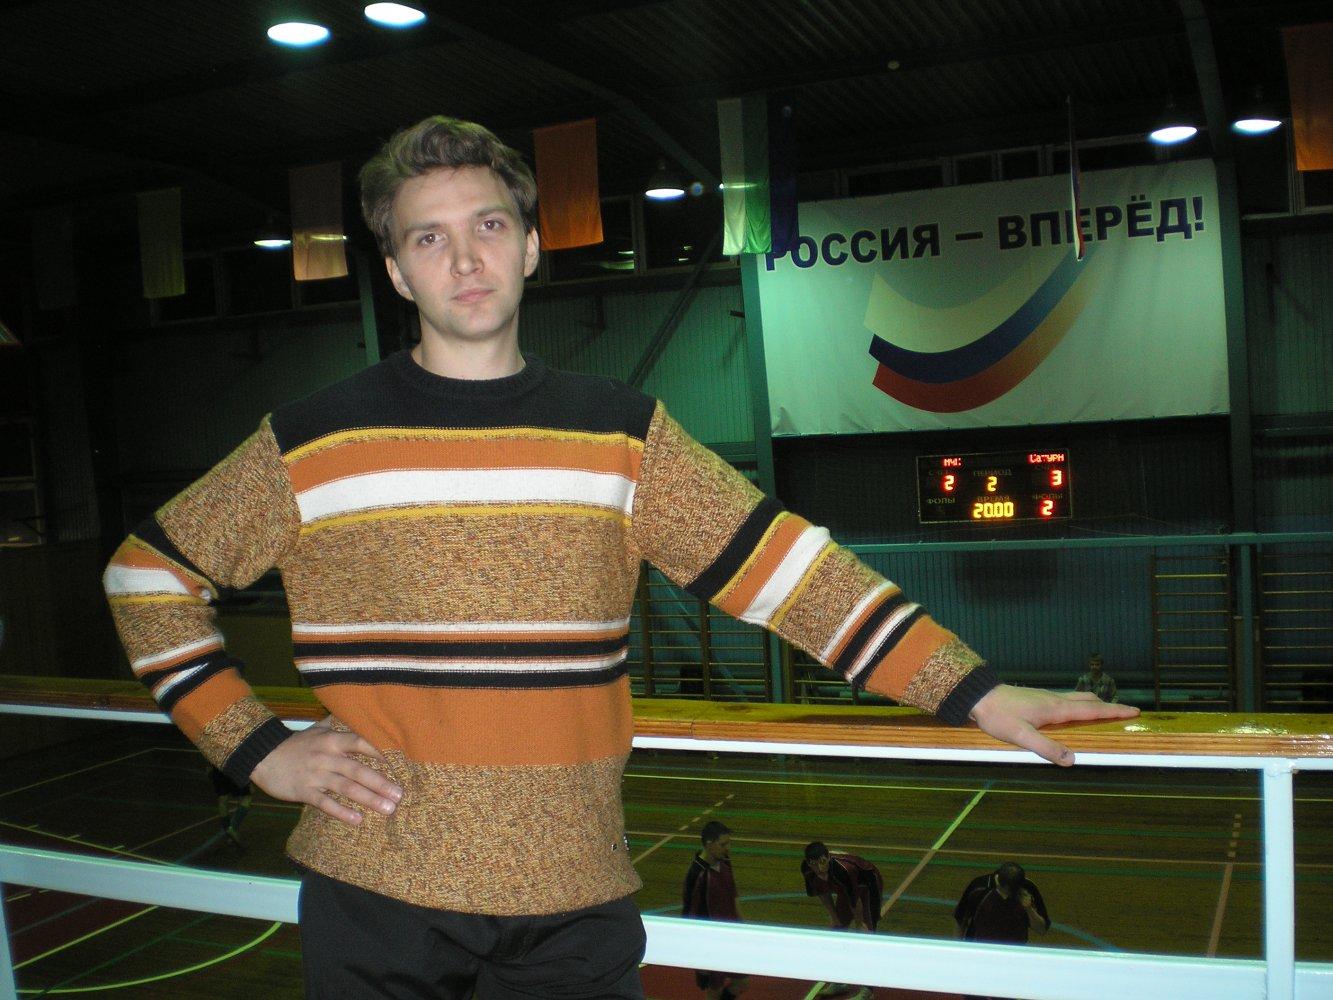 Фото PC140018.JPG. Россия, Коми Републиц